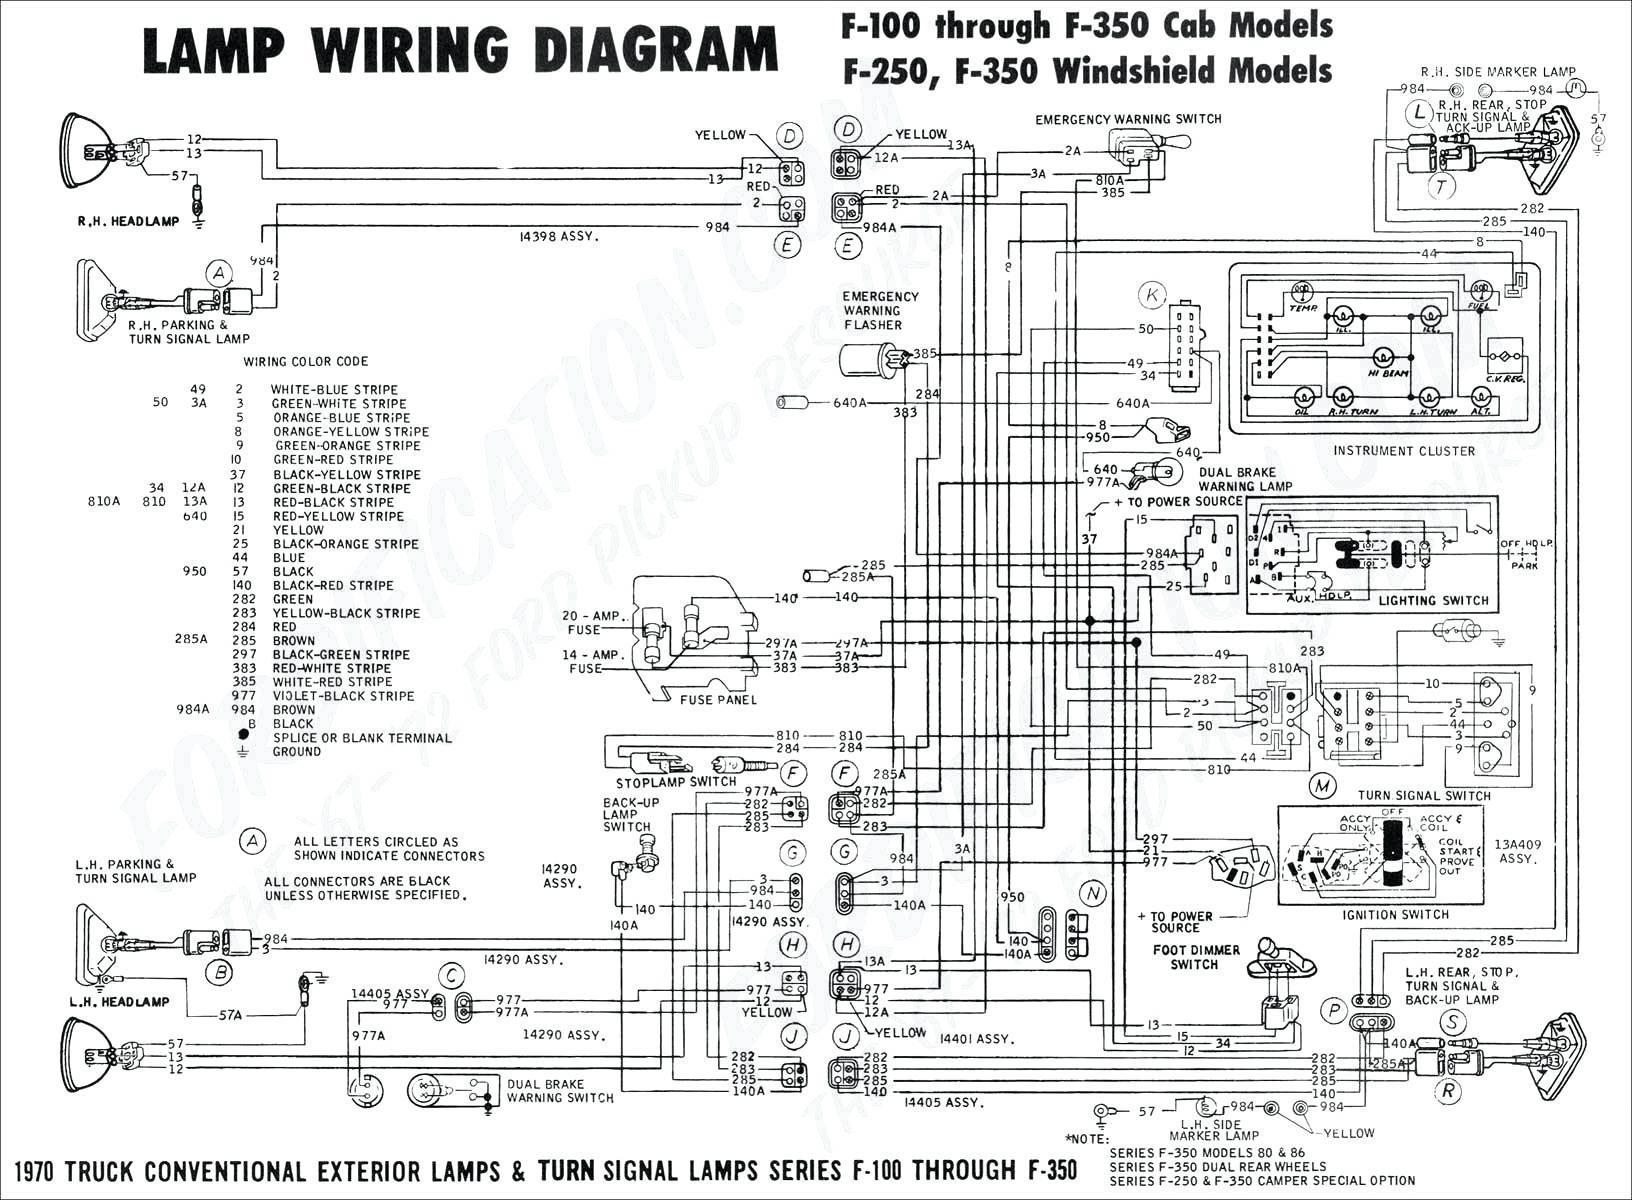 Toyota Power Window Switch Wiring Diagram Power Door Switch Wiring Diagram 2006 Taurus Worksheet and Wiring Of Toyota Power Window Switch Wiring Diagram